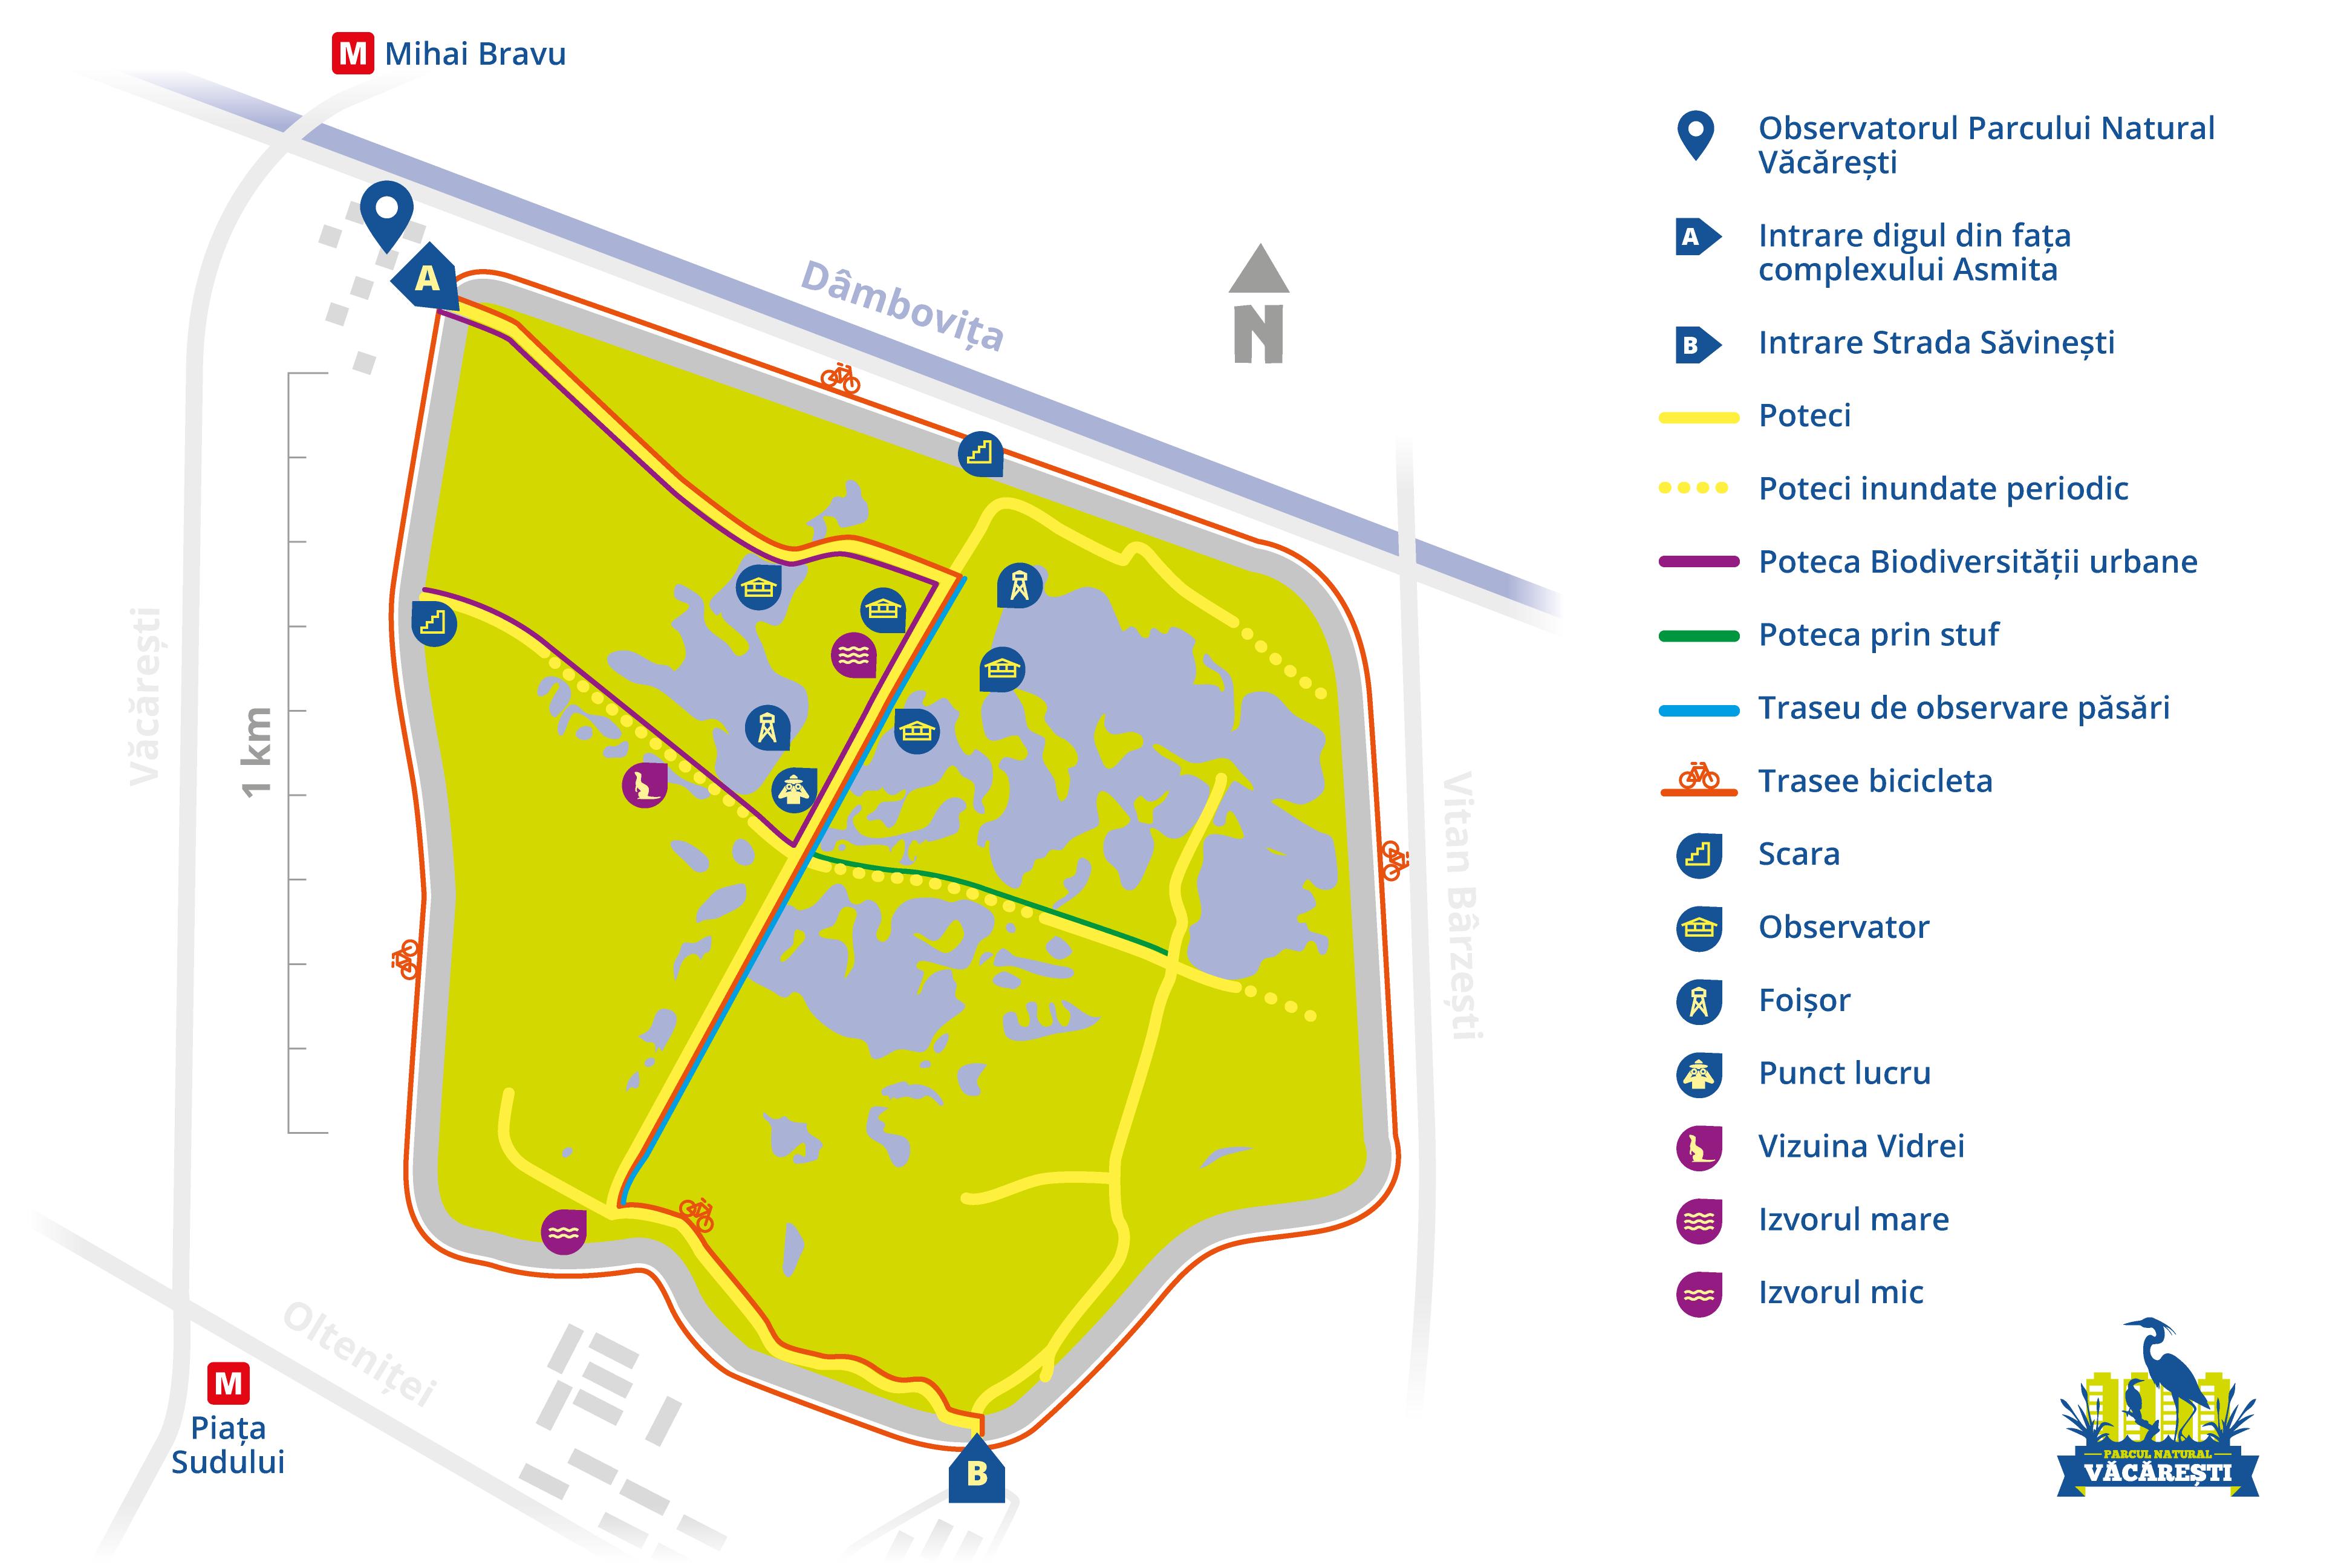 harta parc vacaresti